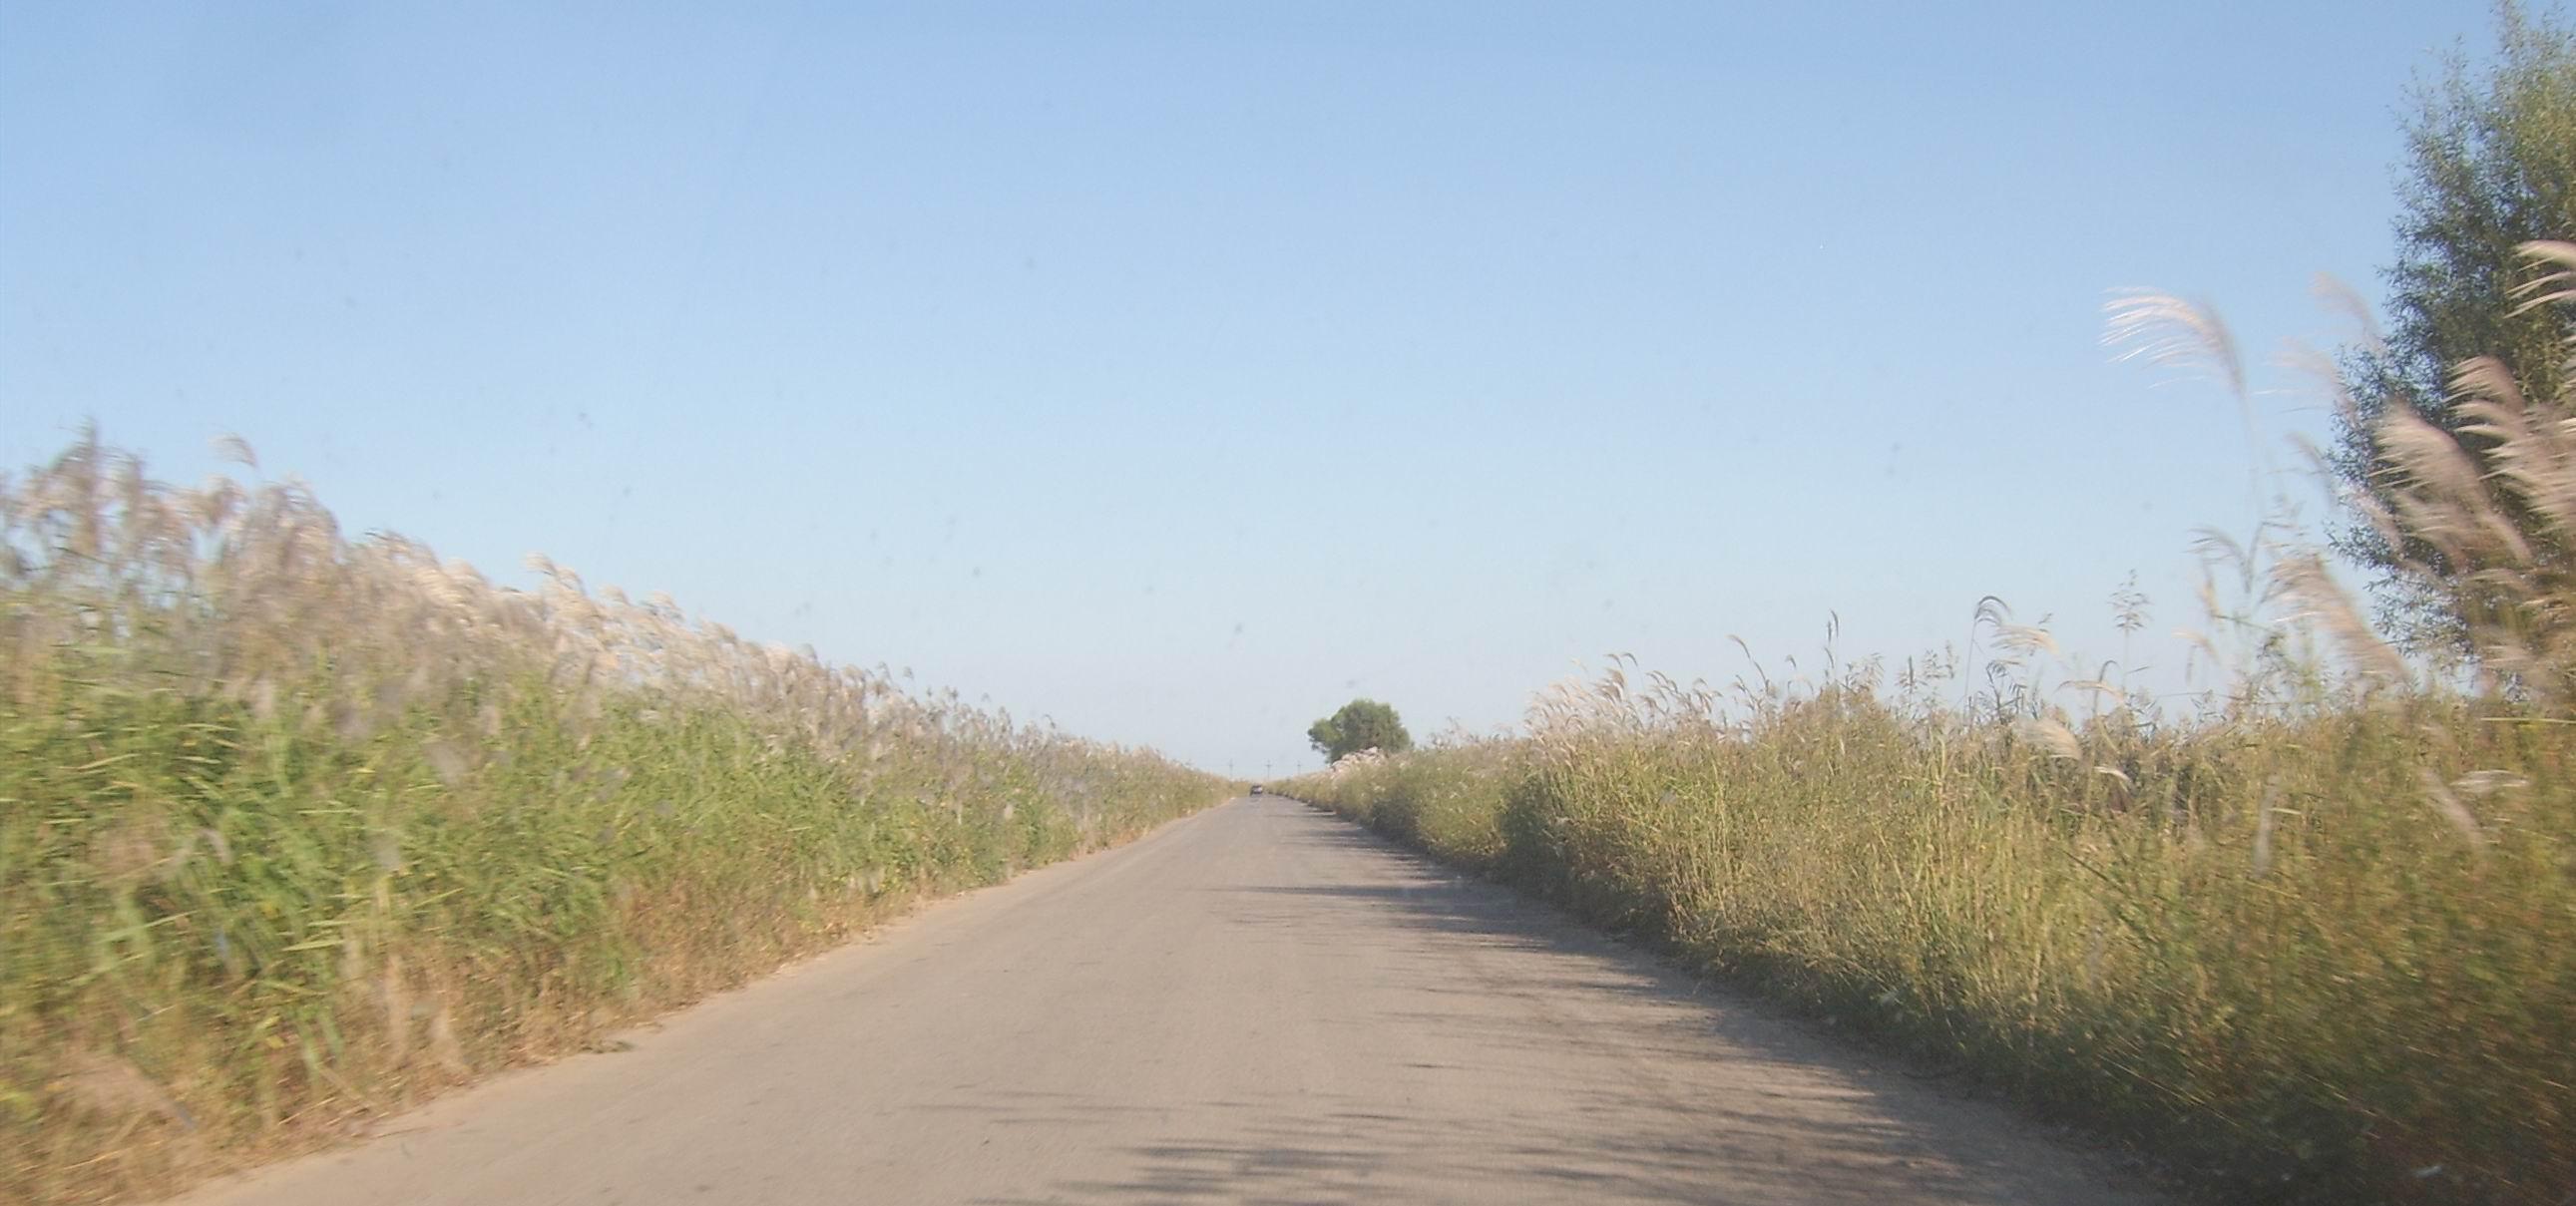 乡间的小路 乡间的小路吧